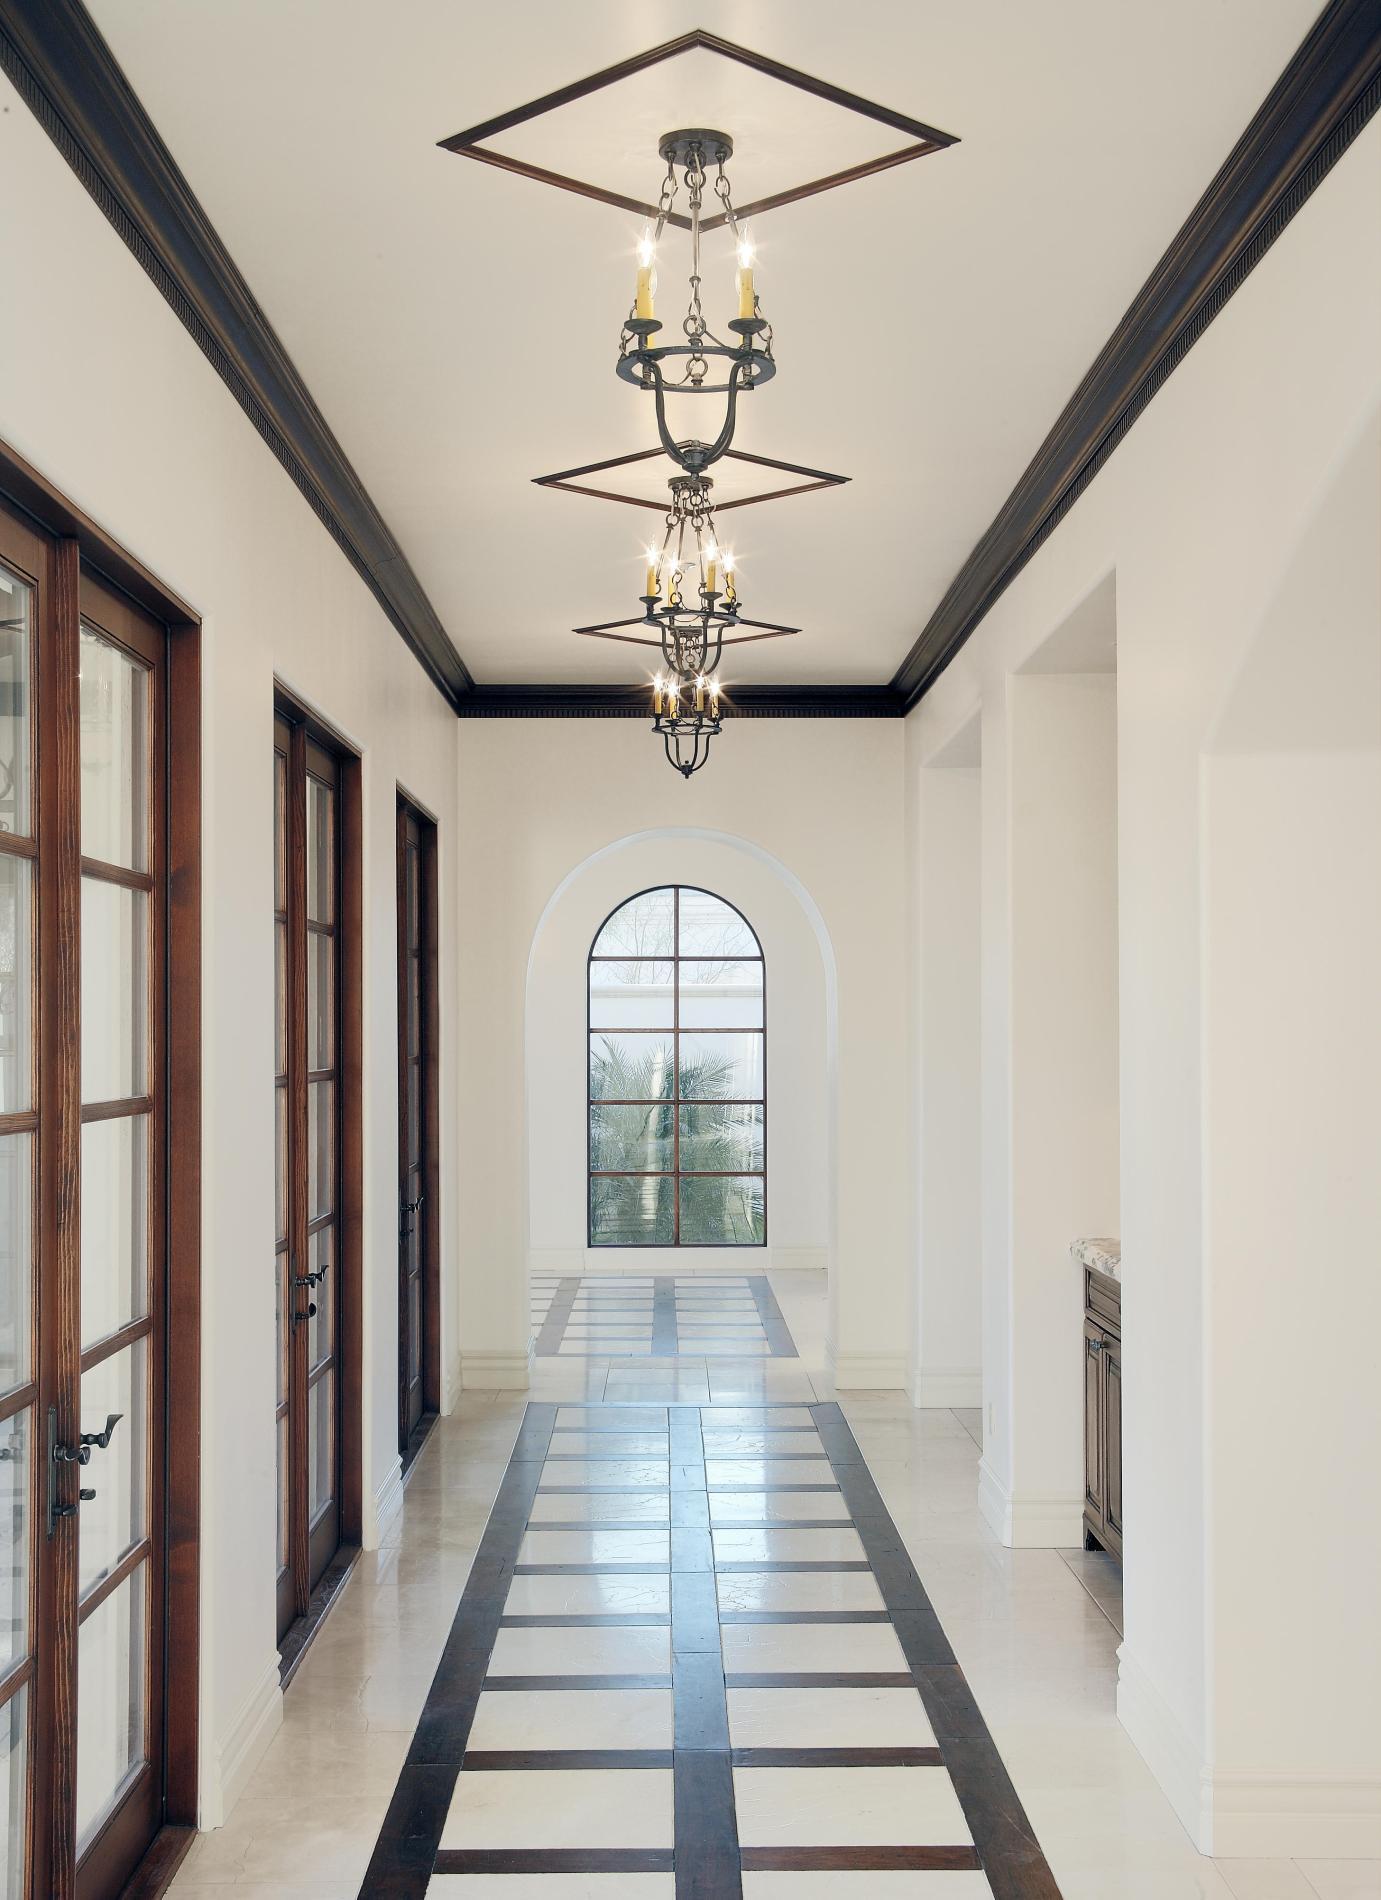 Черные плинтуса на потолке в интерьере в черно-белом интерьере